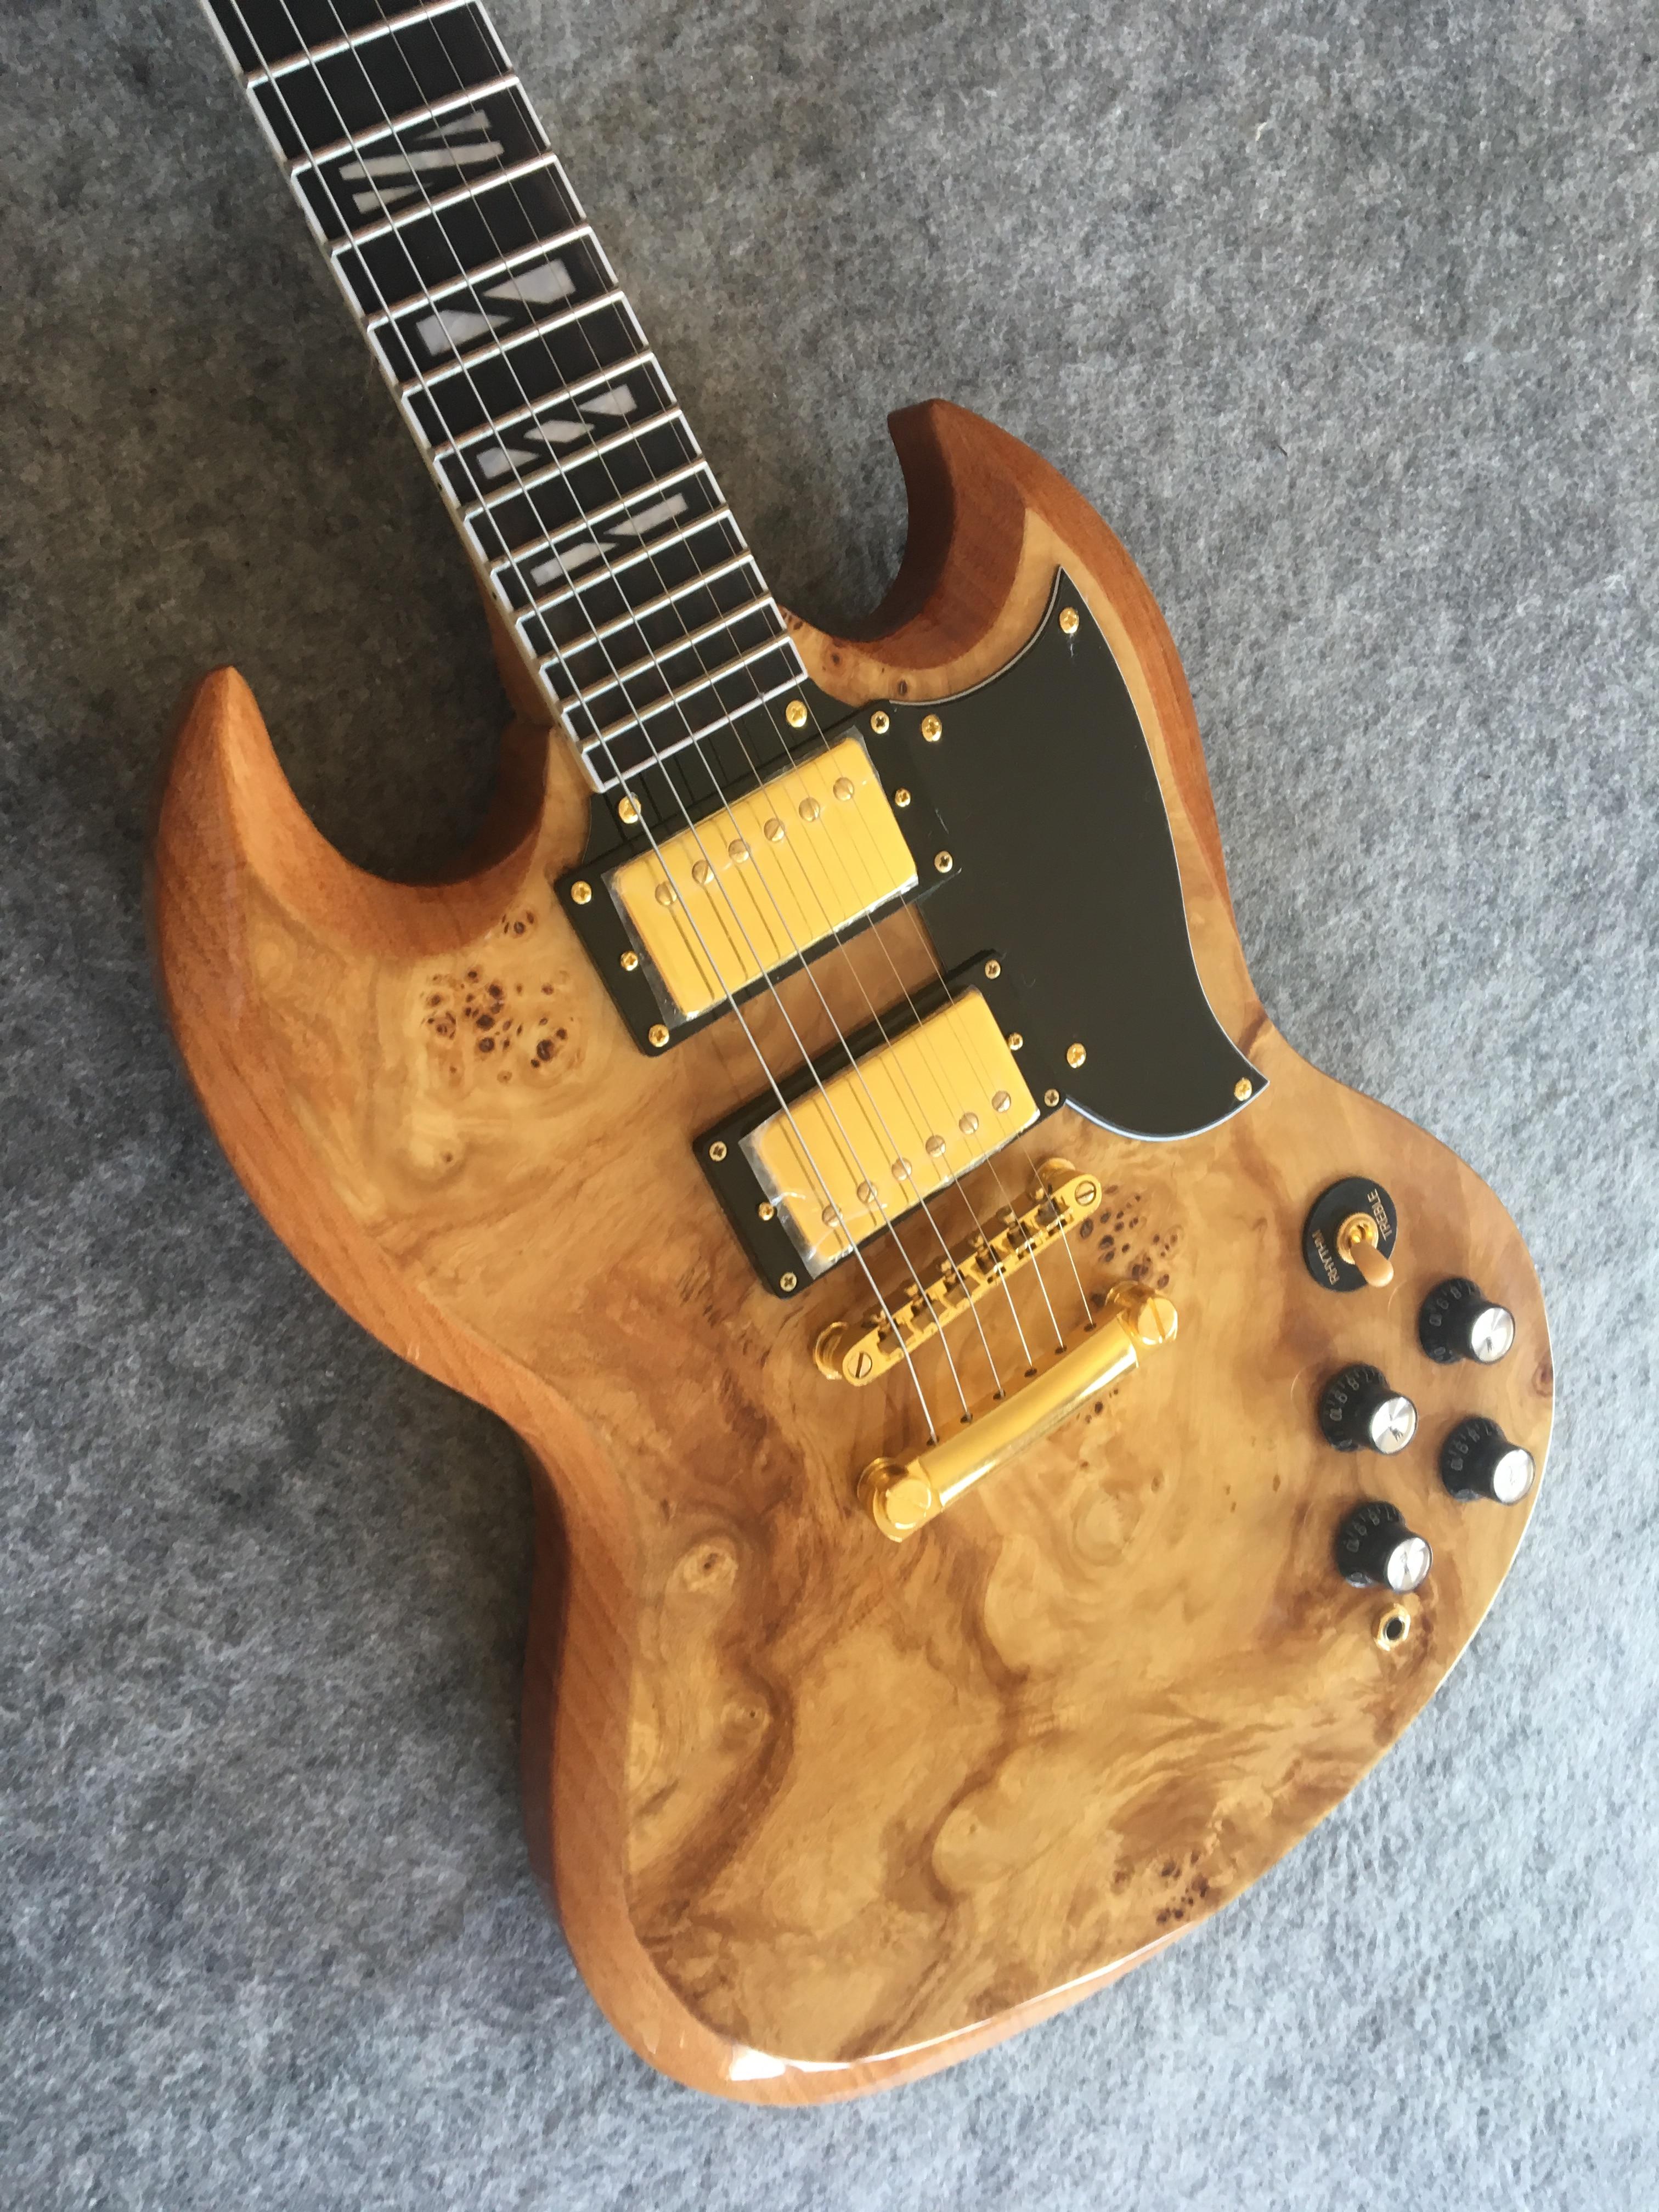 Guitare électrique barre paresseuse bois palissandre touche livraison gratuite